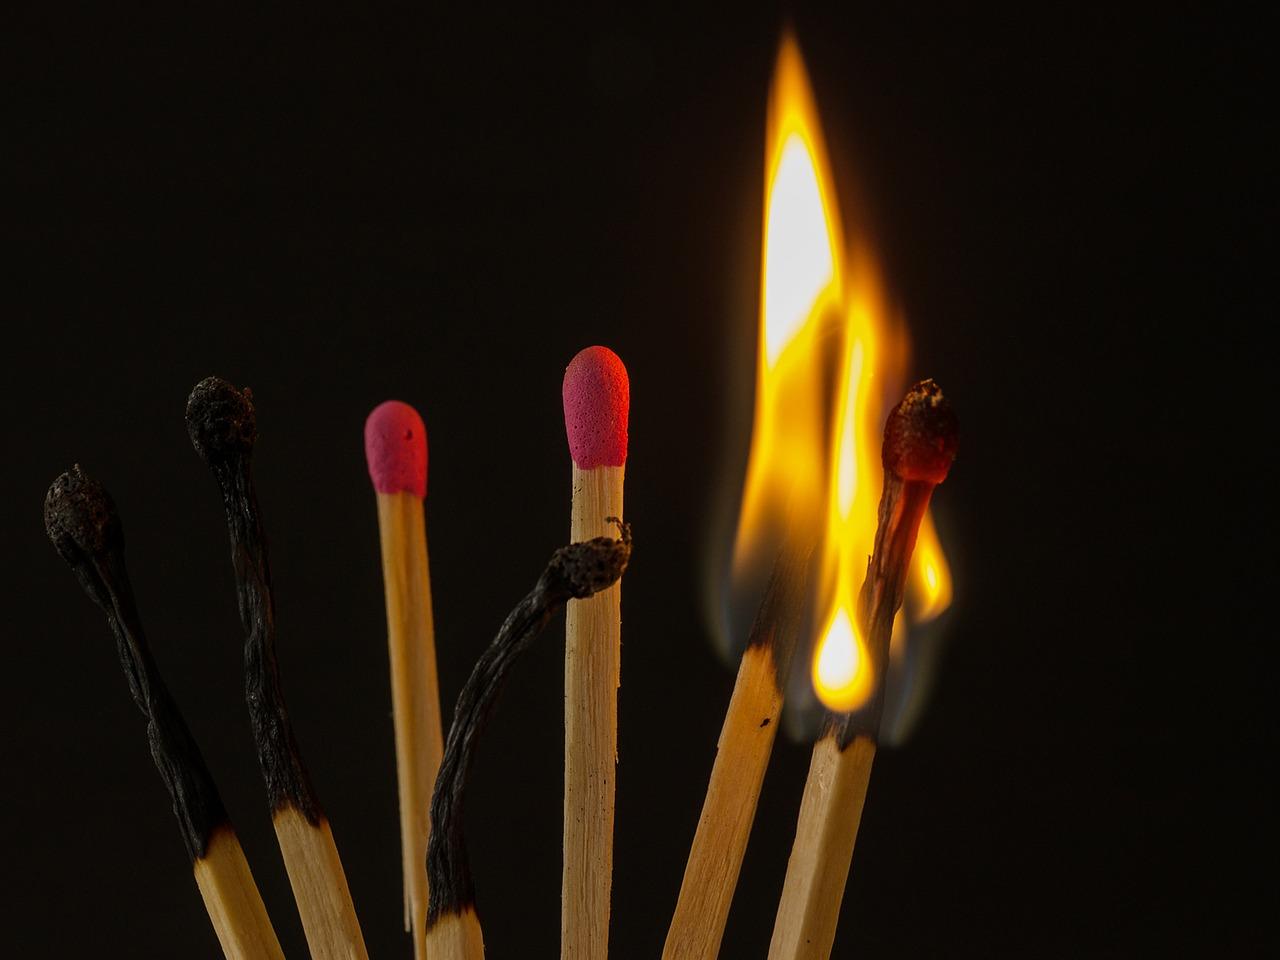 'Eigen regie' is niet voldoende om burn-out te voorkomen